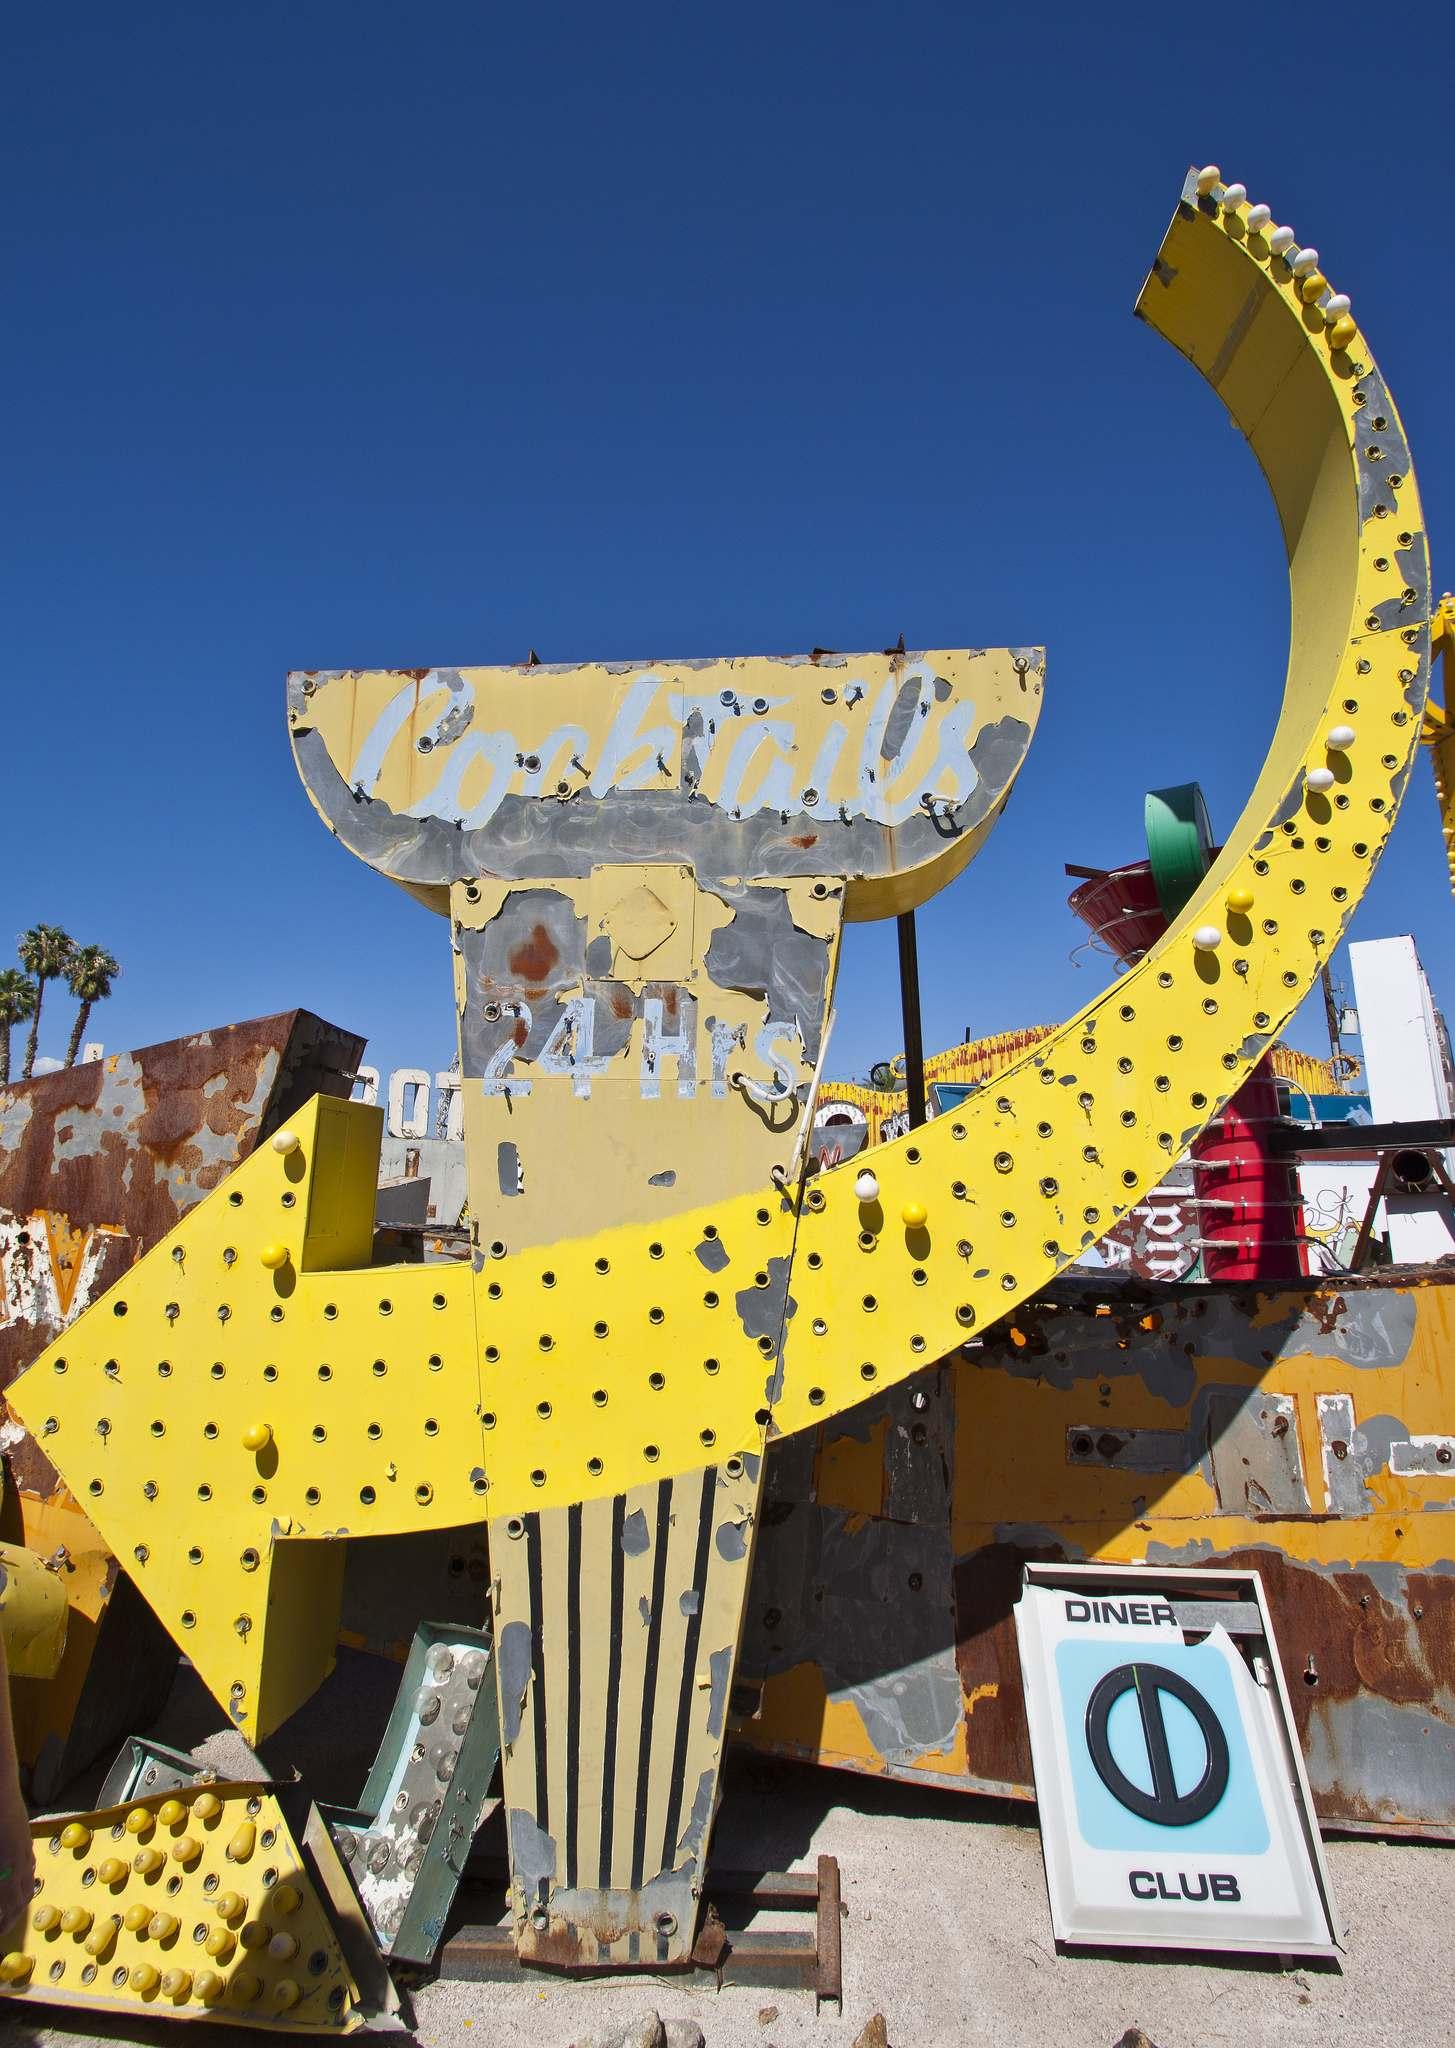 neon boneyard7 Las Vegas Neon Boneyard